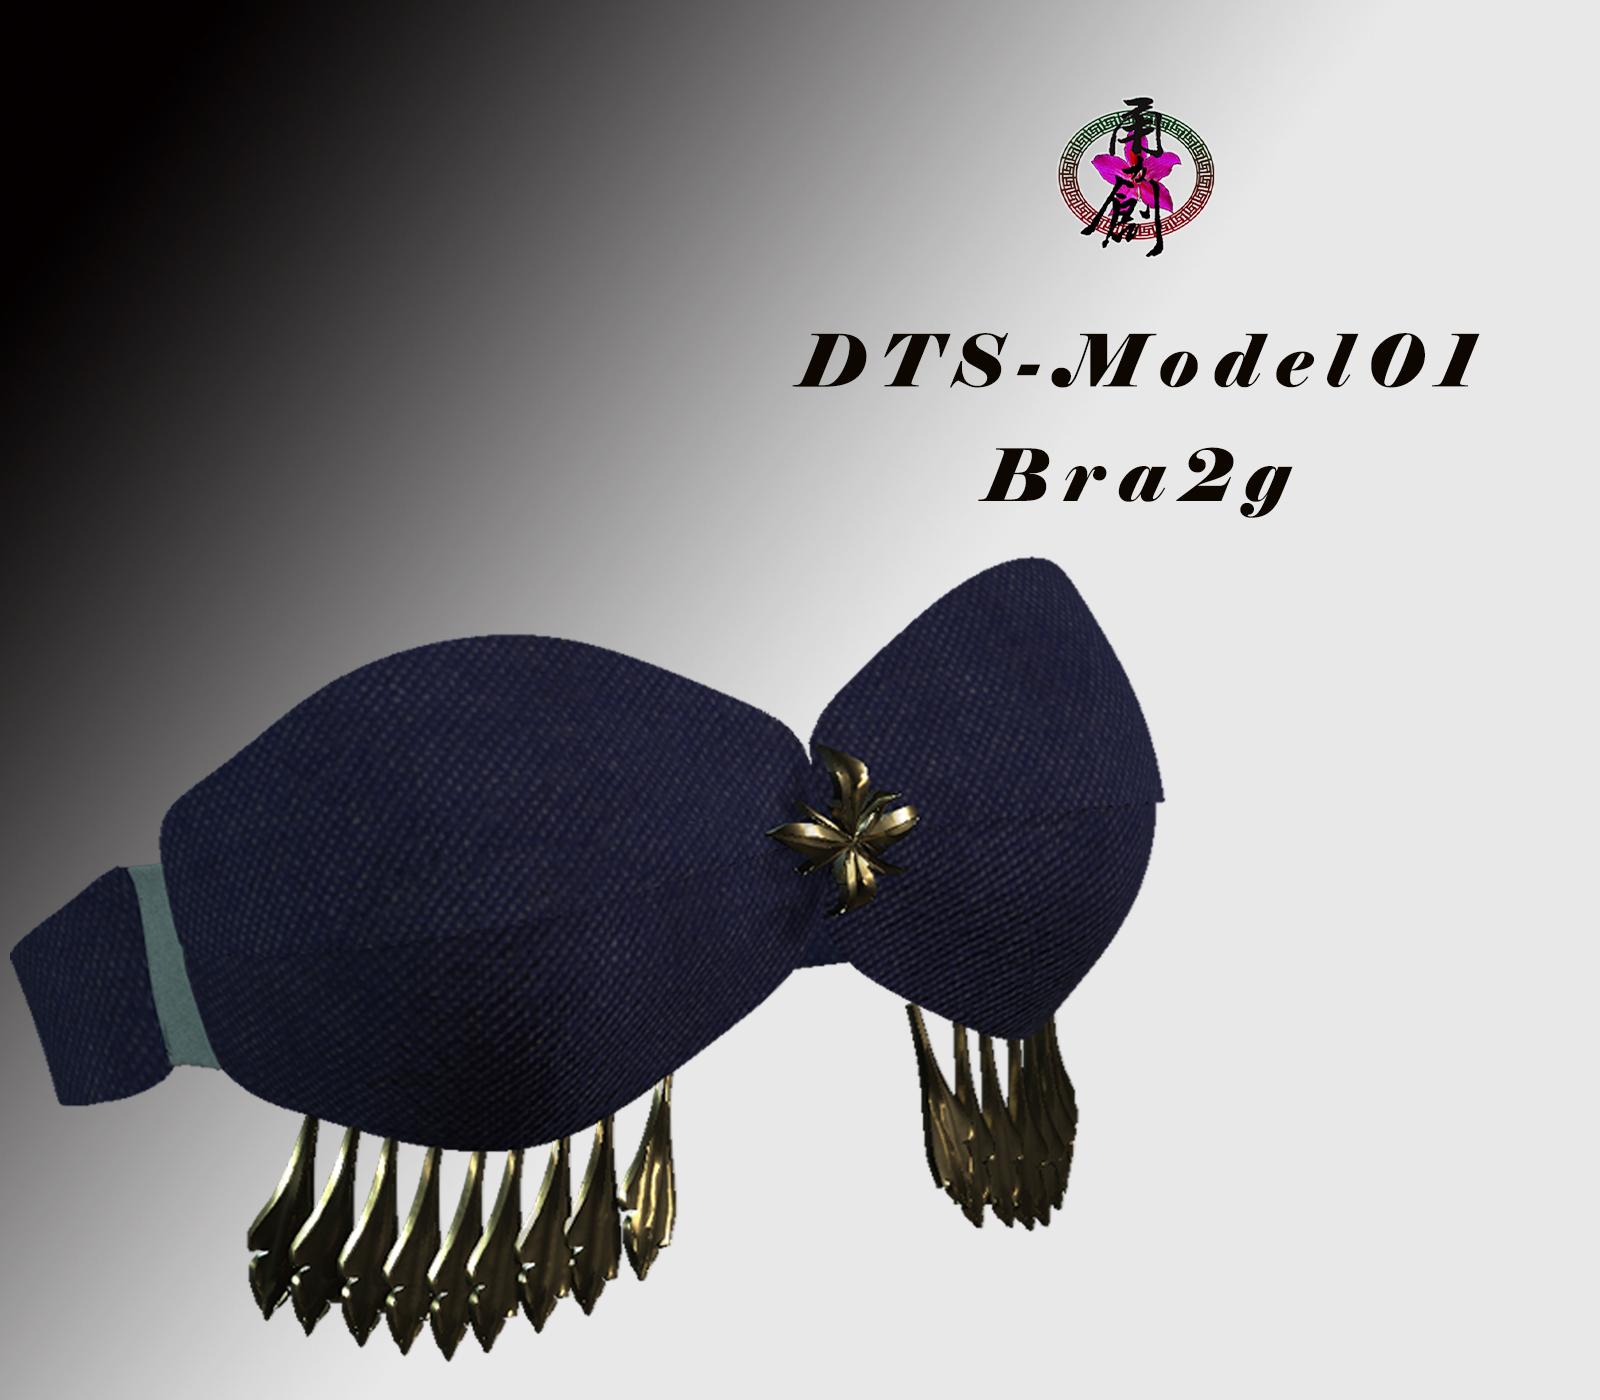 FBX-DTS-Model01-Bra2G